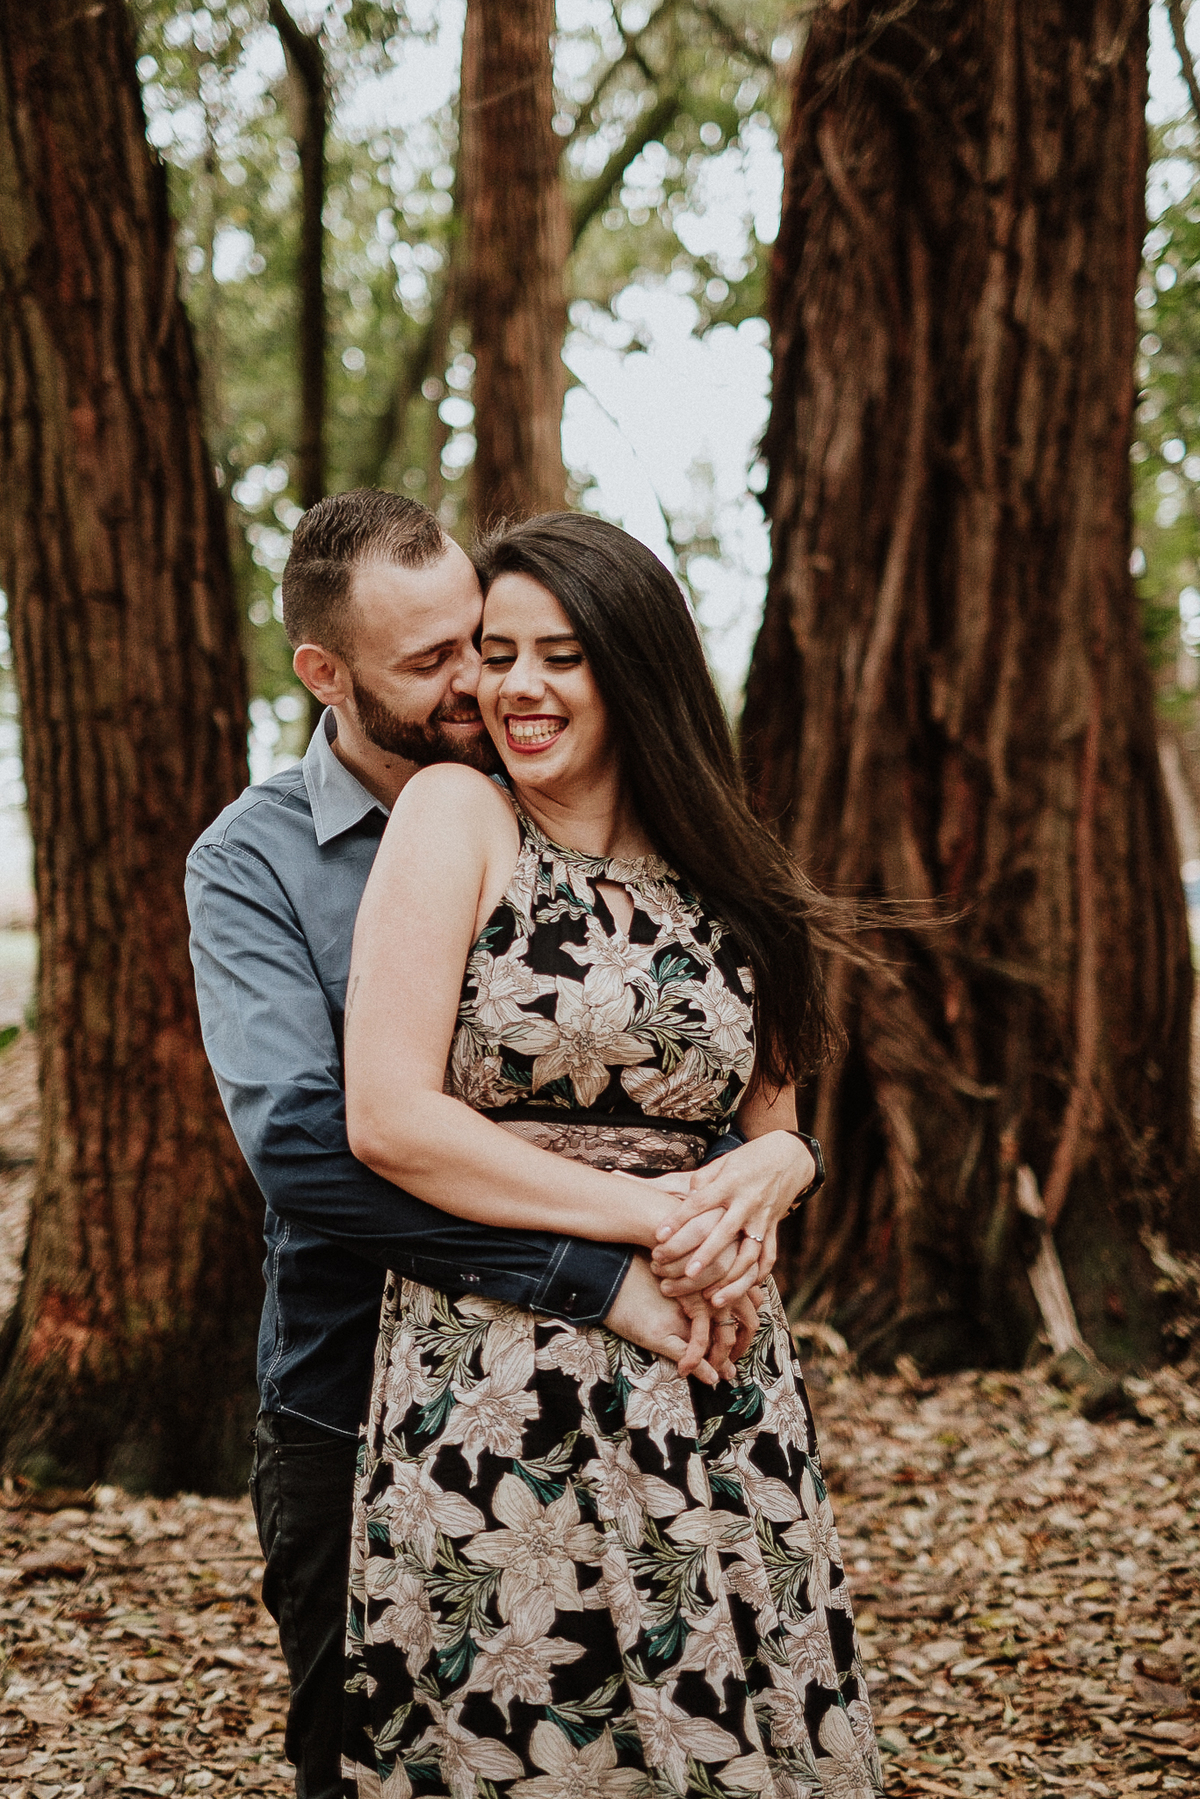 ensaio pre casamento fotografos de sao paulo ensaio no campo ensaio casal fotografos de casamentos autenticos elopement mini wedding